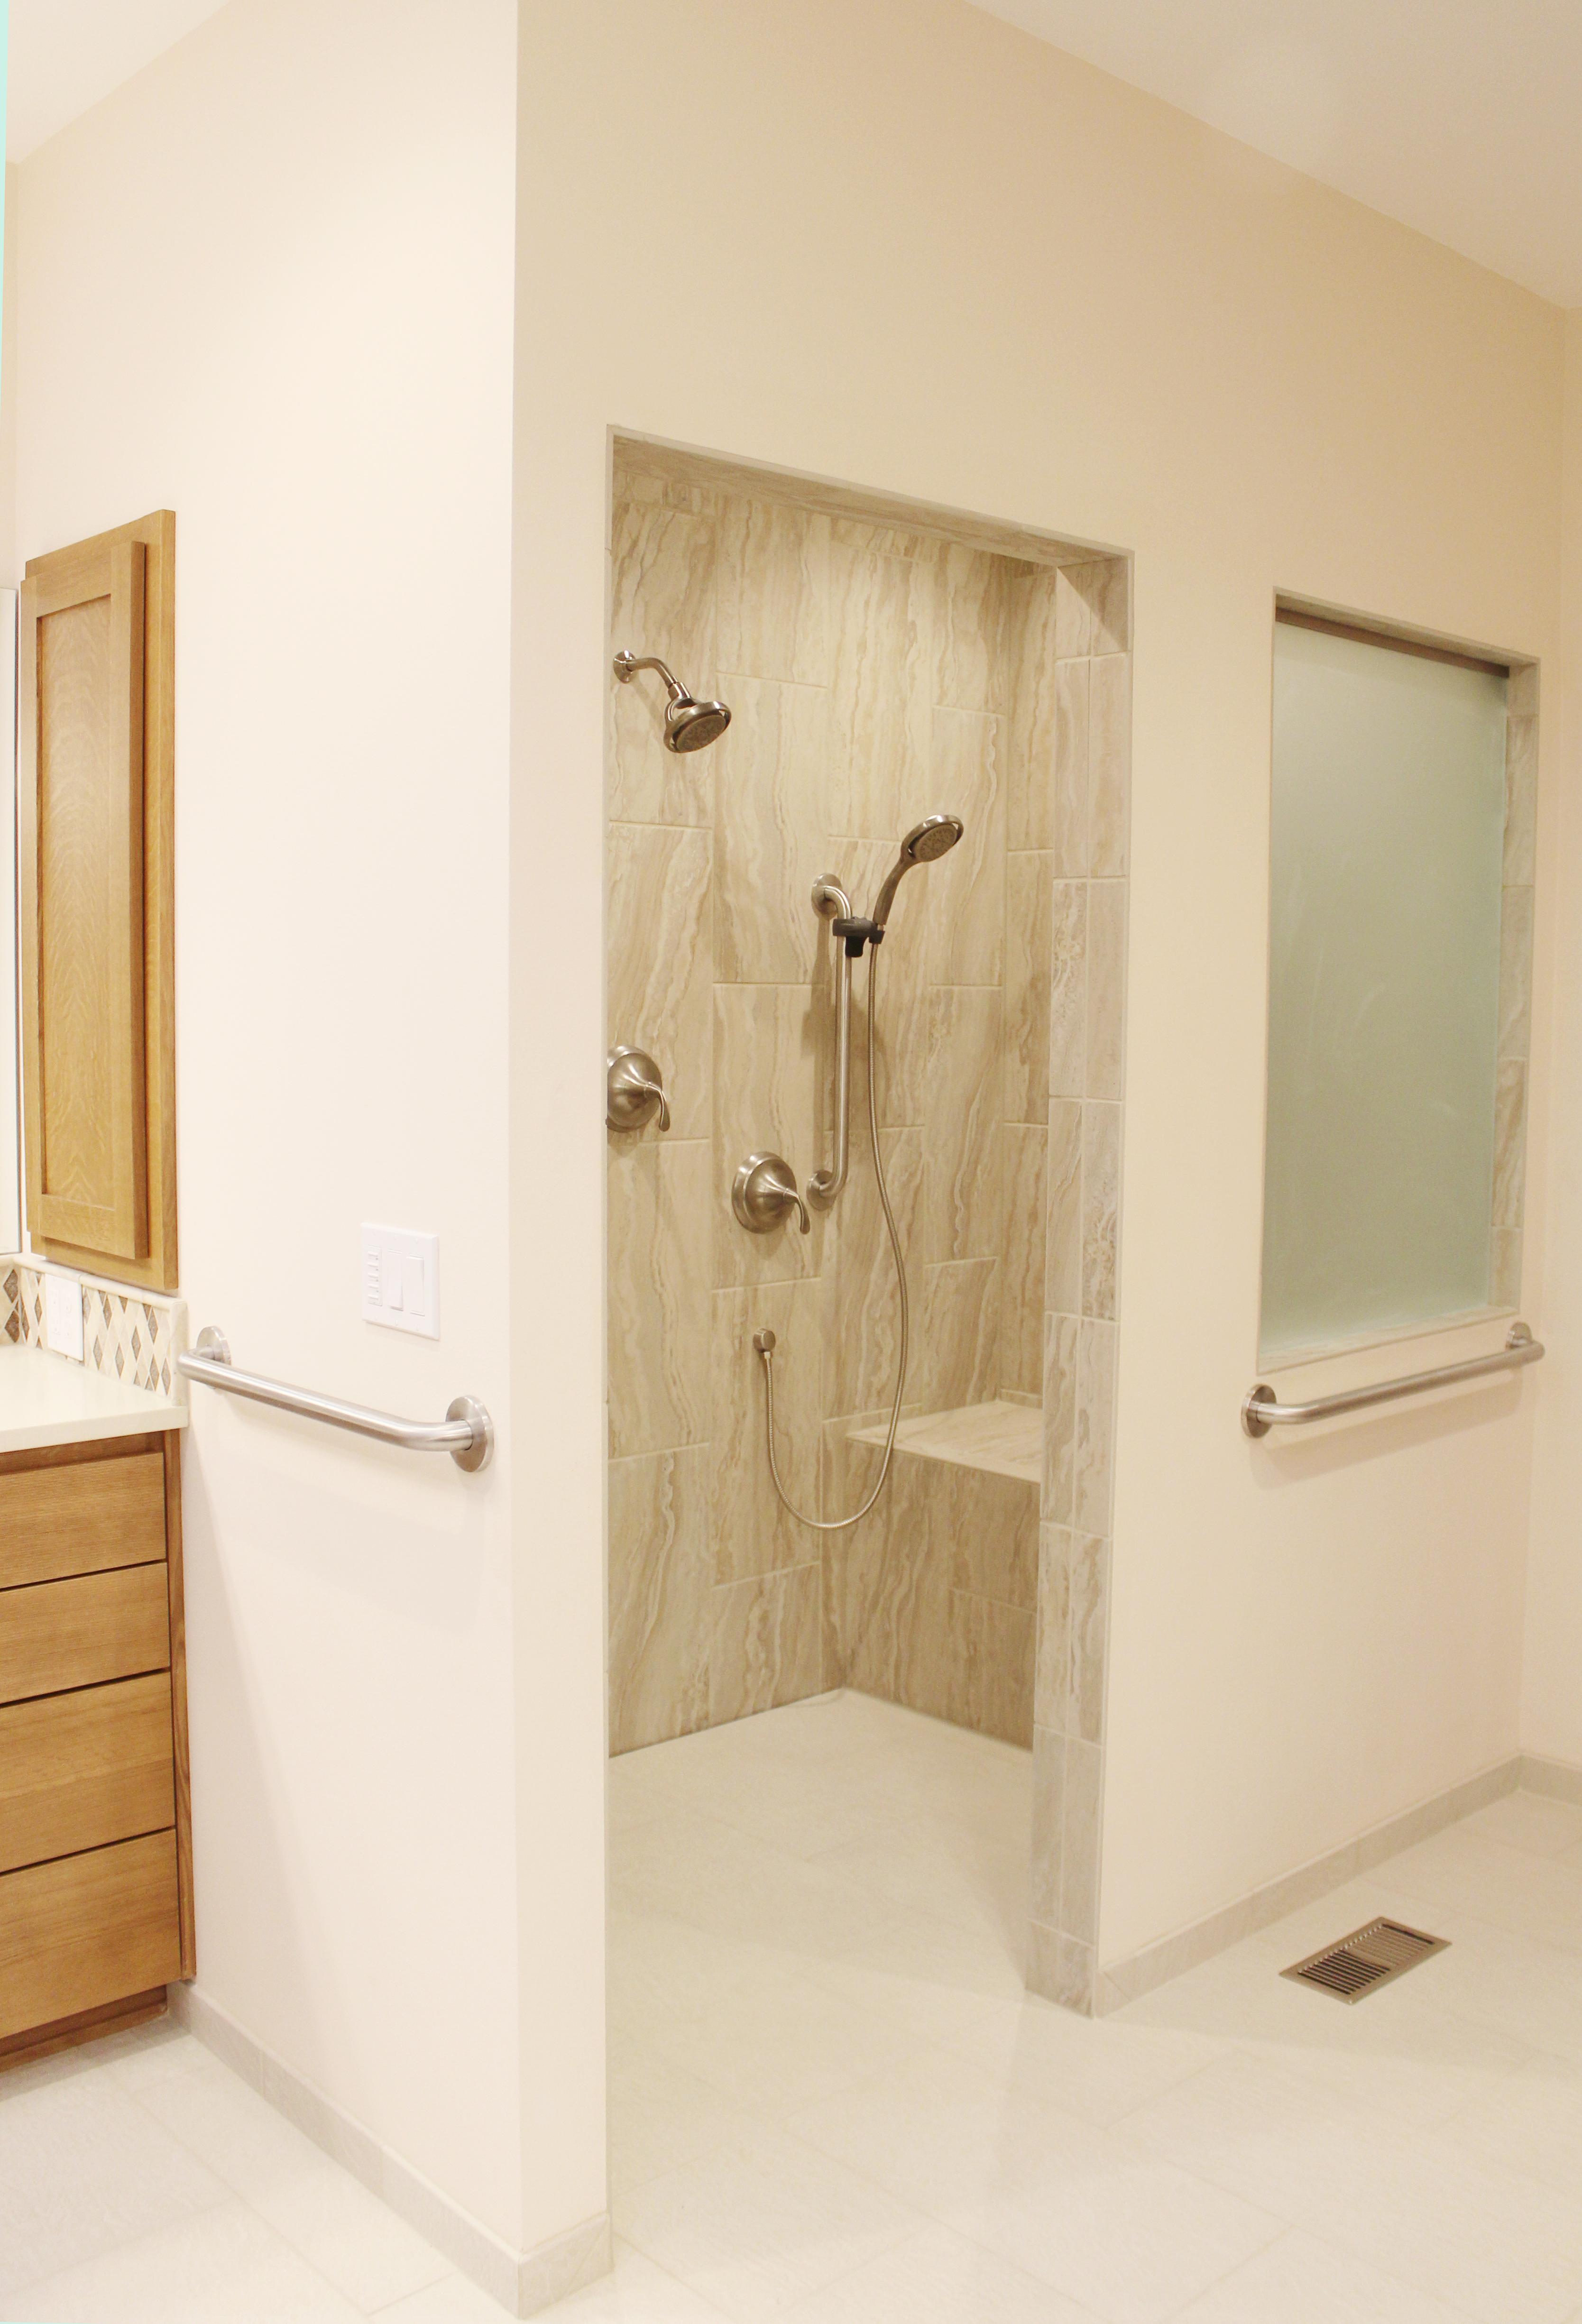 Bild A Waterproofing Shower Room Project Idea Gallery